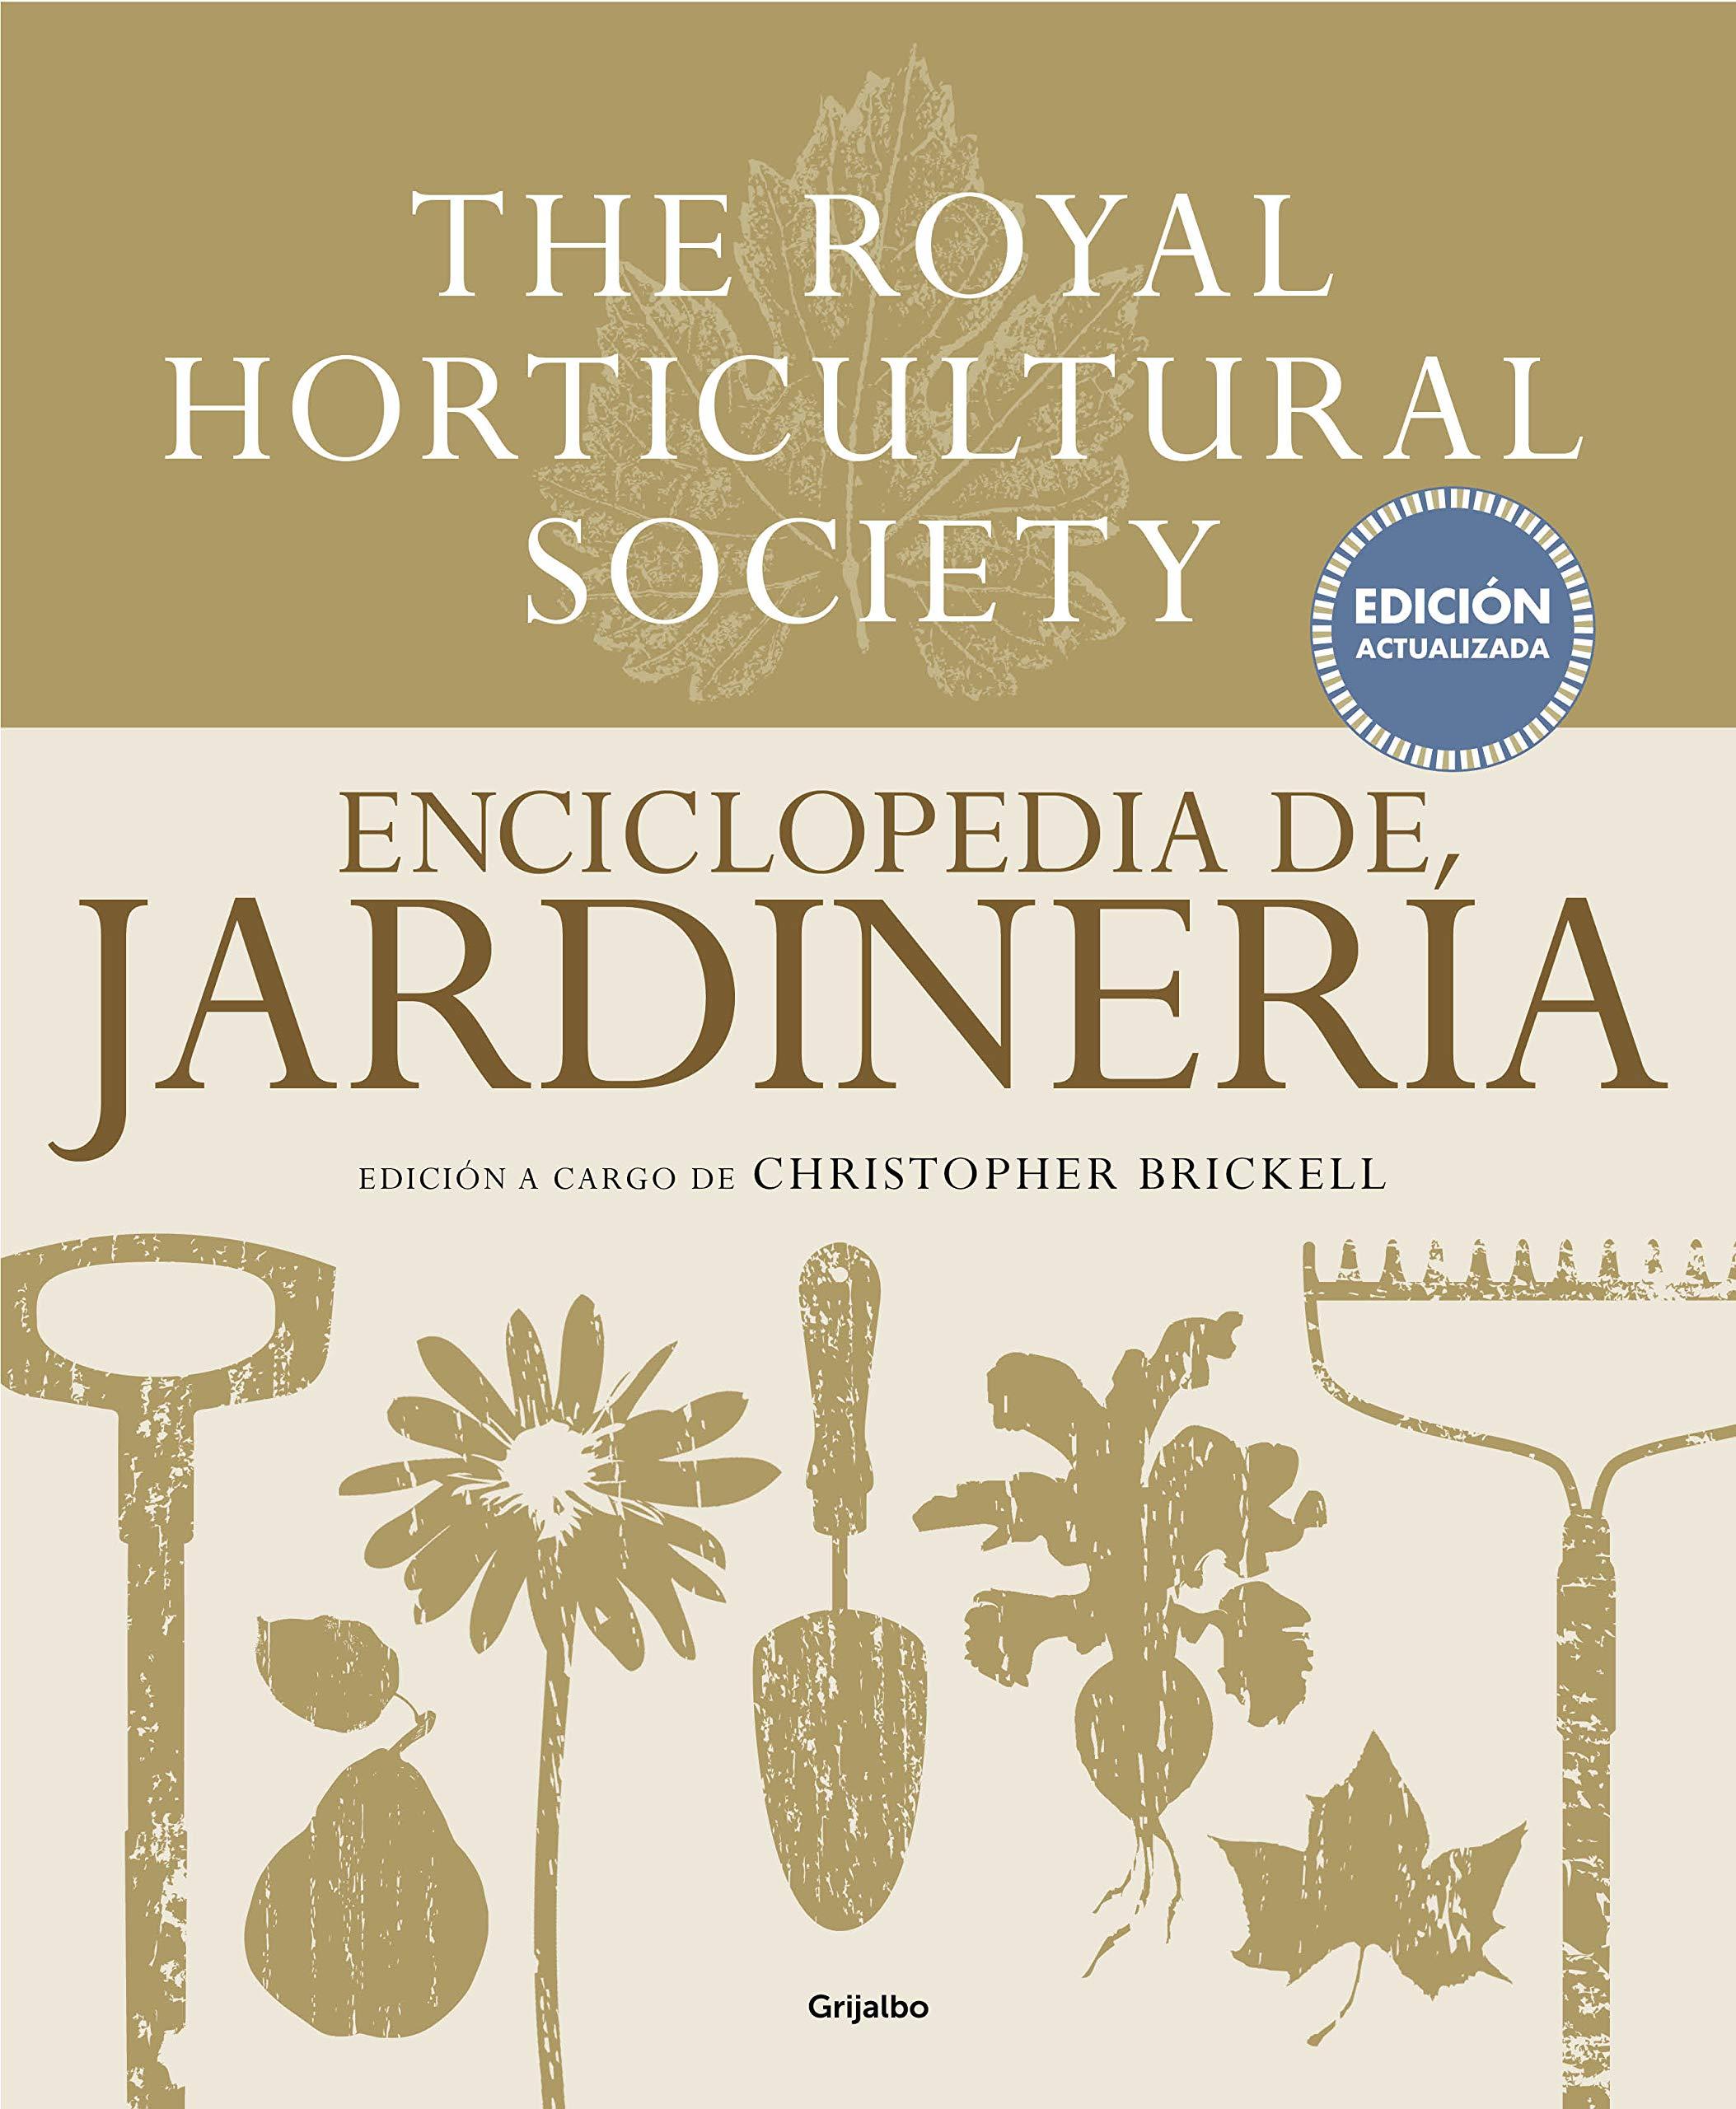 Enciclopedia de jardinería. The Royal Horticultural Society ...